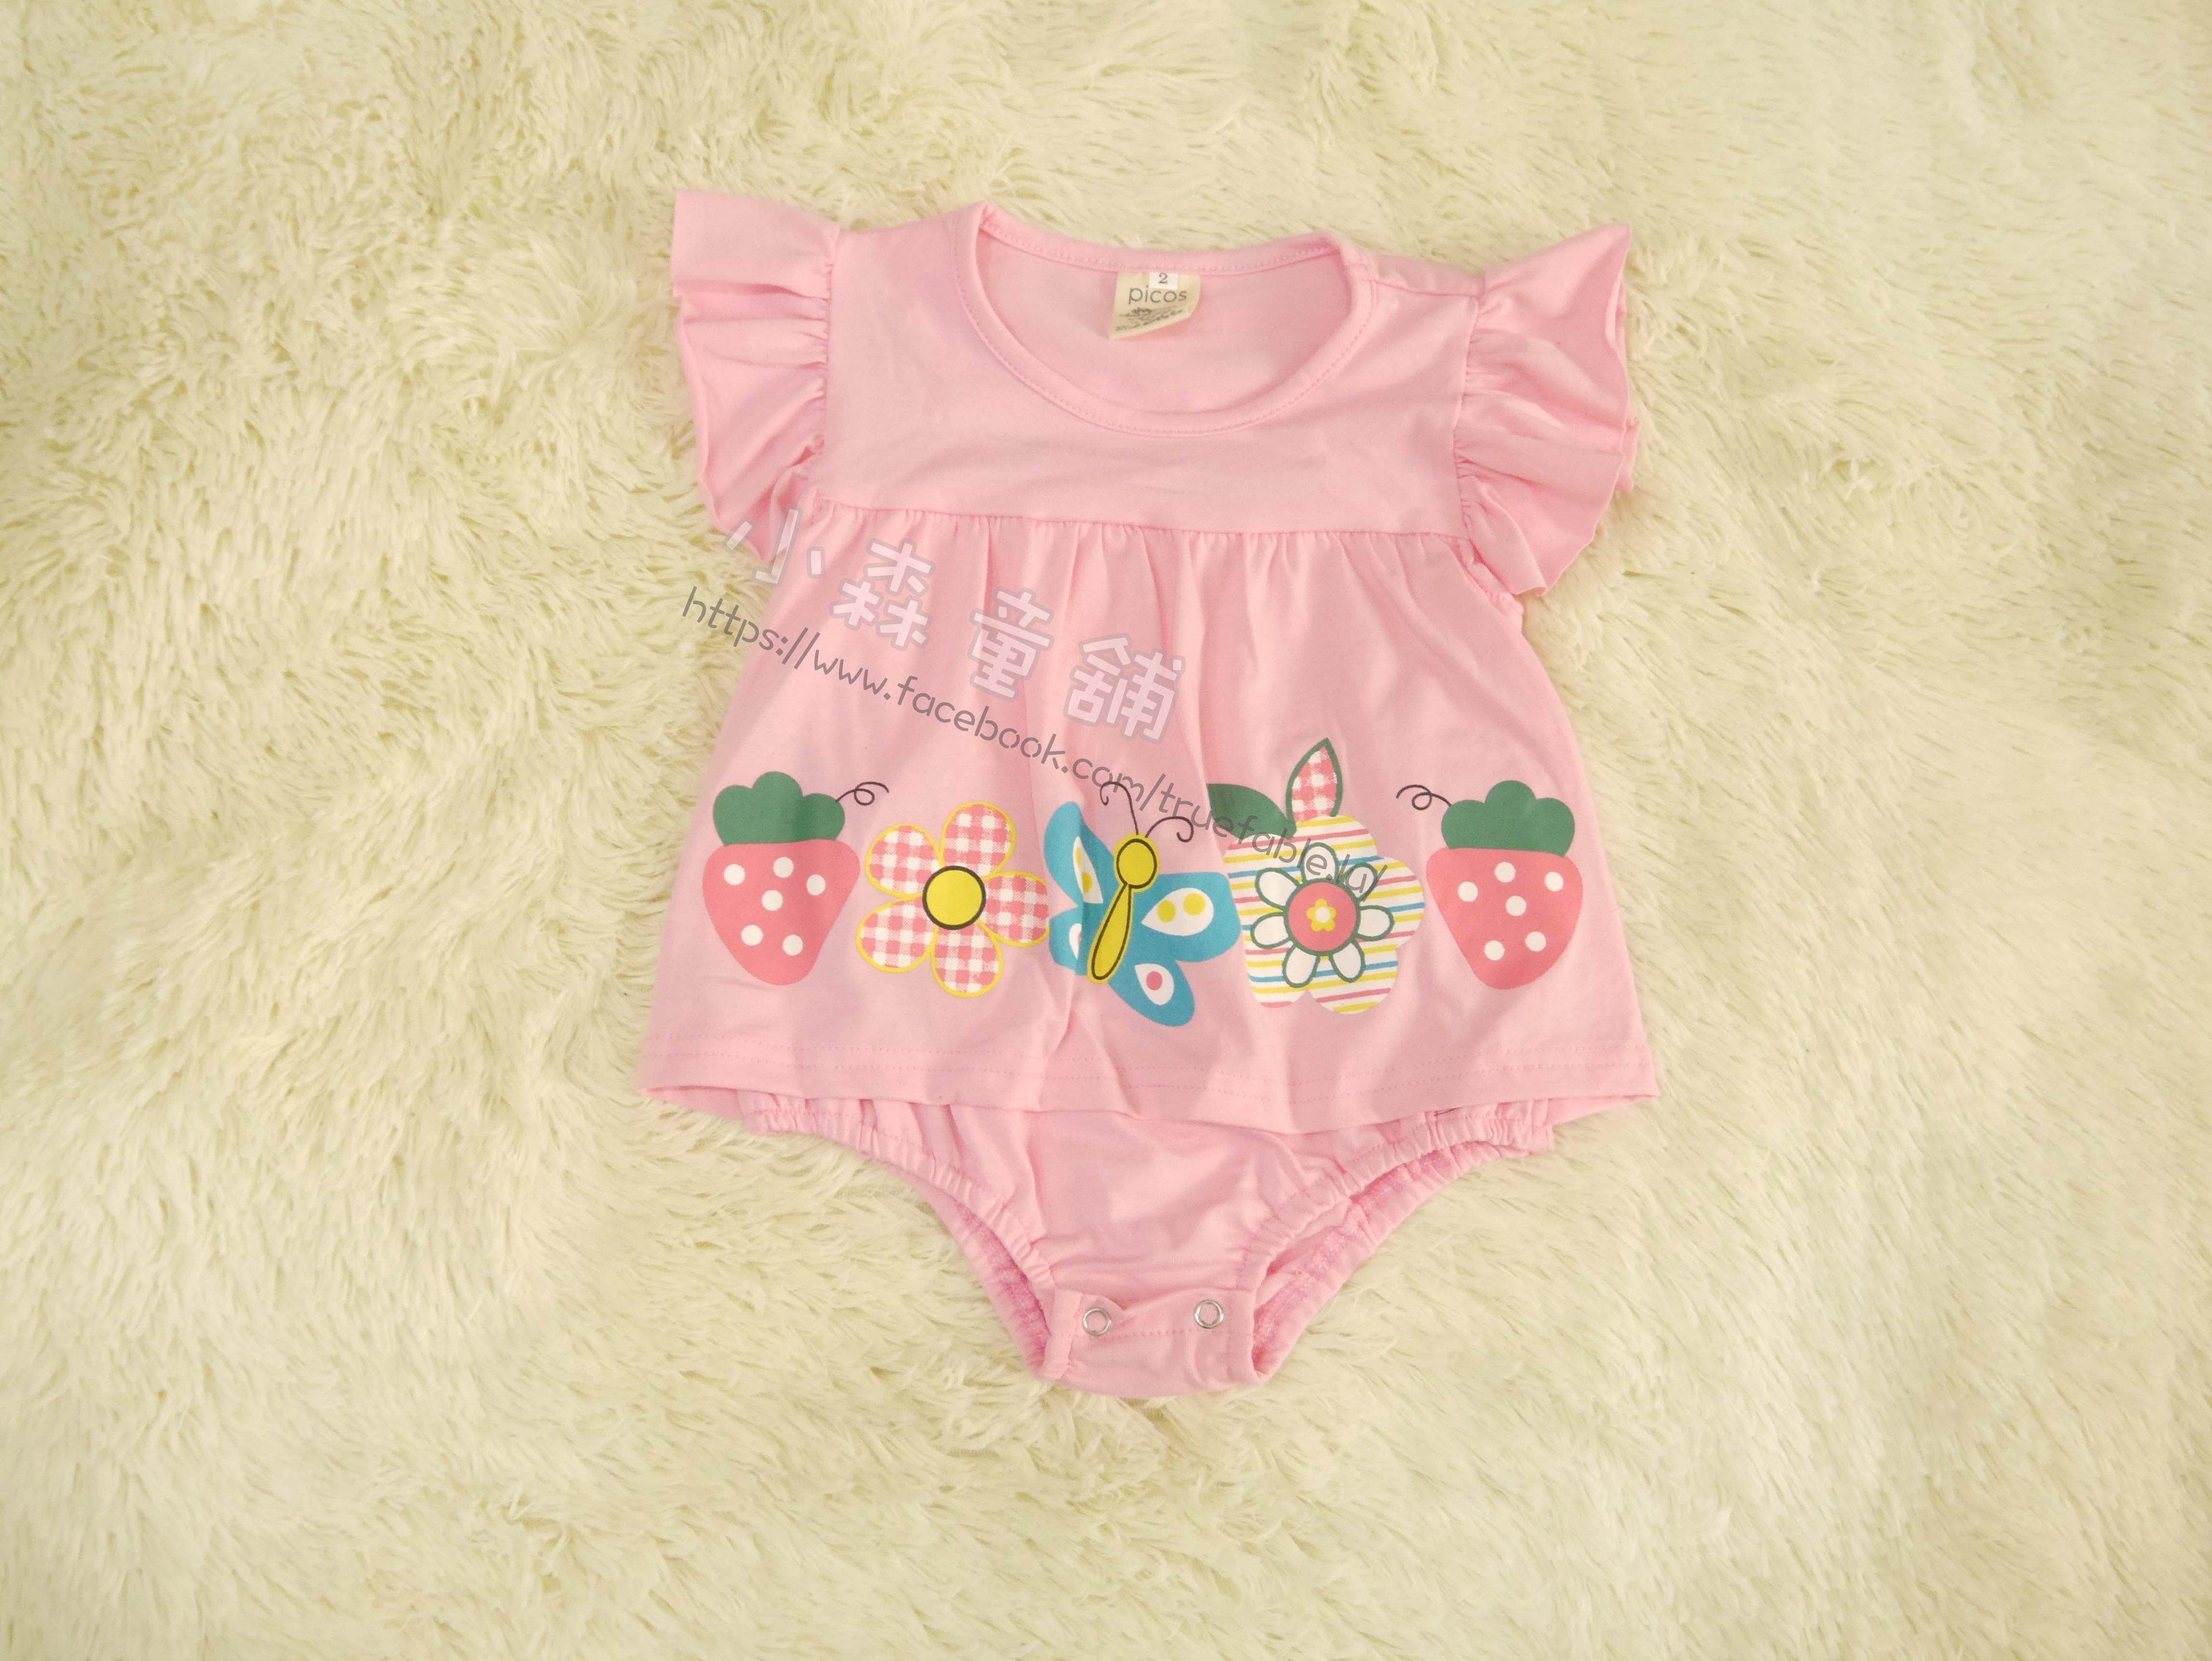 小森童舖 日系女童蝴蝶結花朵 小裙擺 荷葉袖 粉紅色系 棉質短袖包屁衣 連身衣 2號 零碼